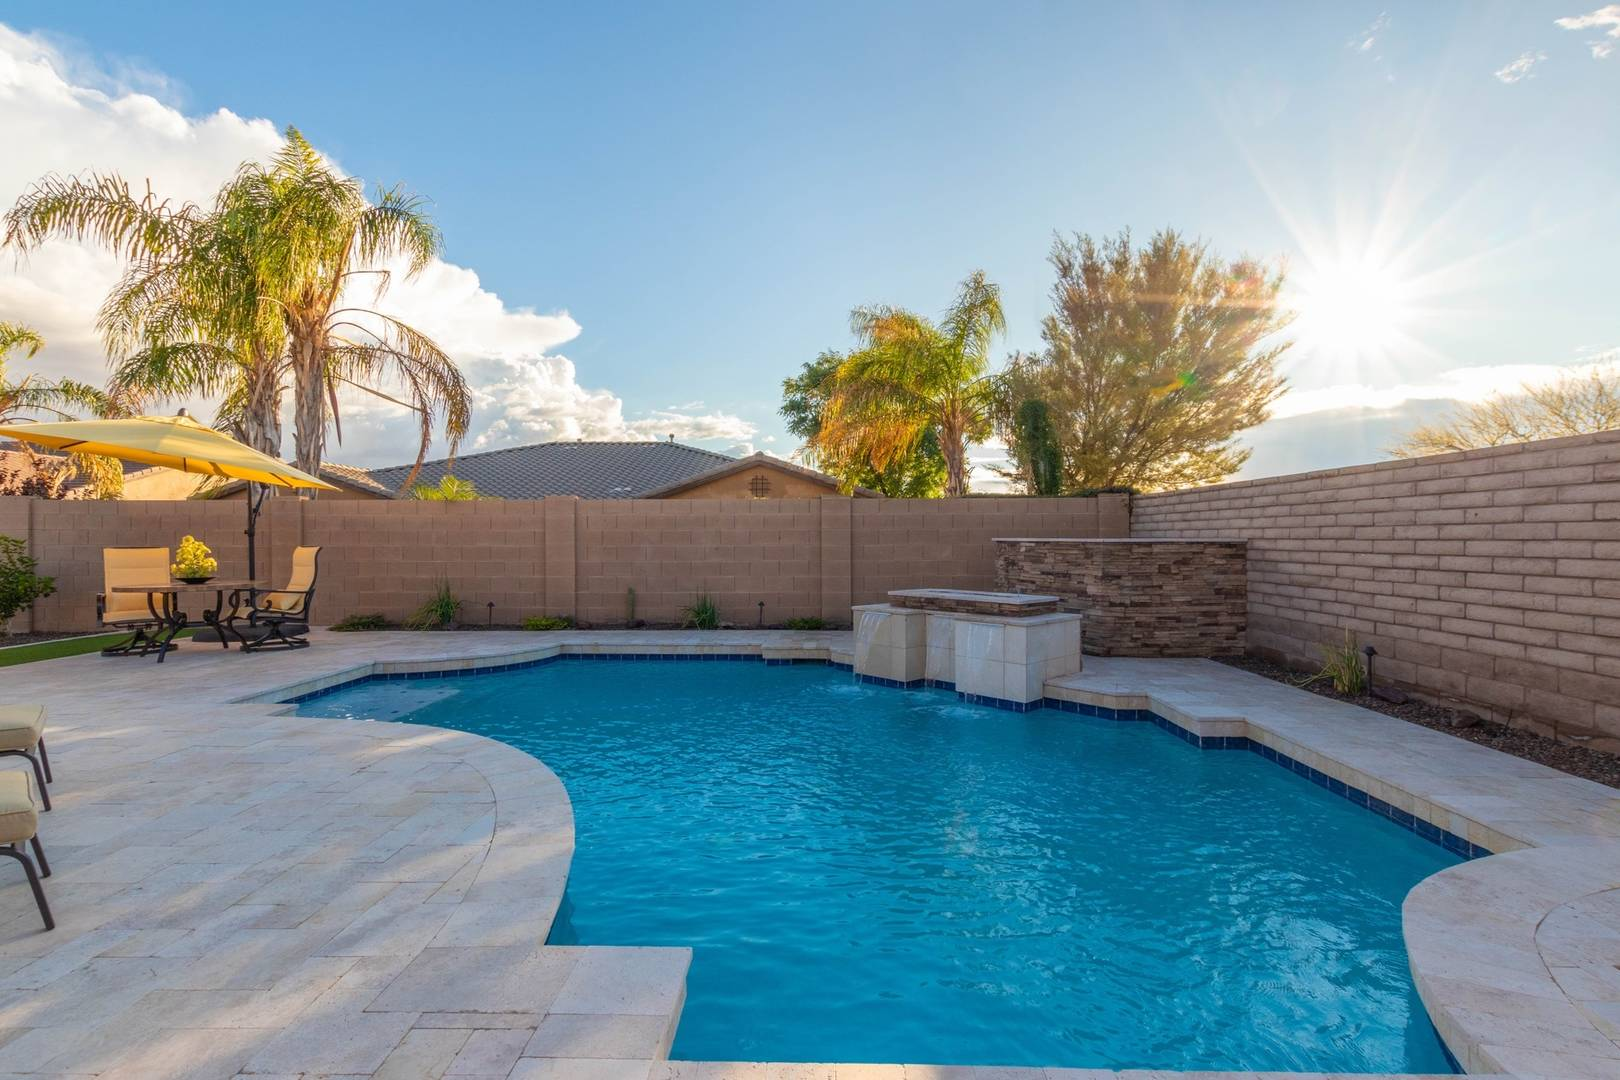 12063 W Shifting Sands Dr Peoria, AZ 85383